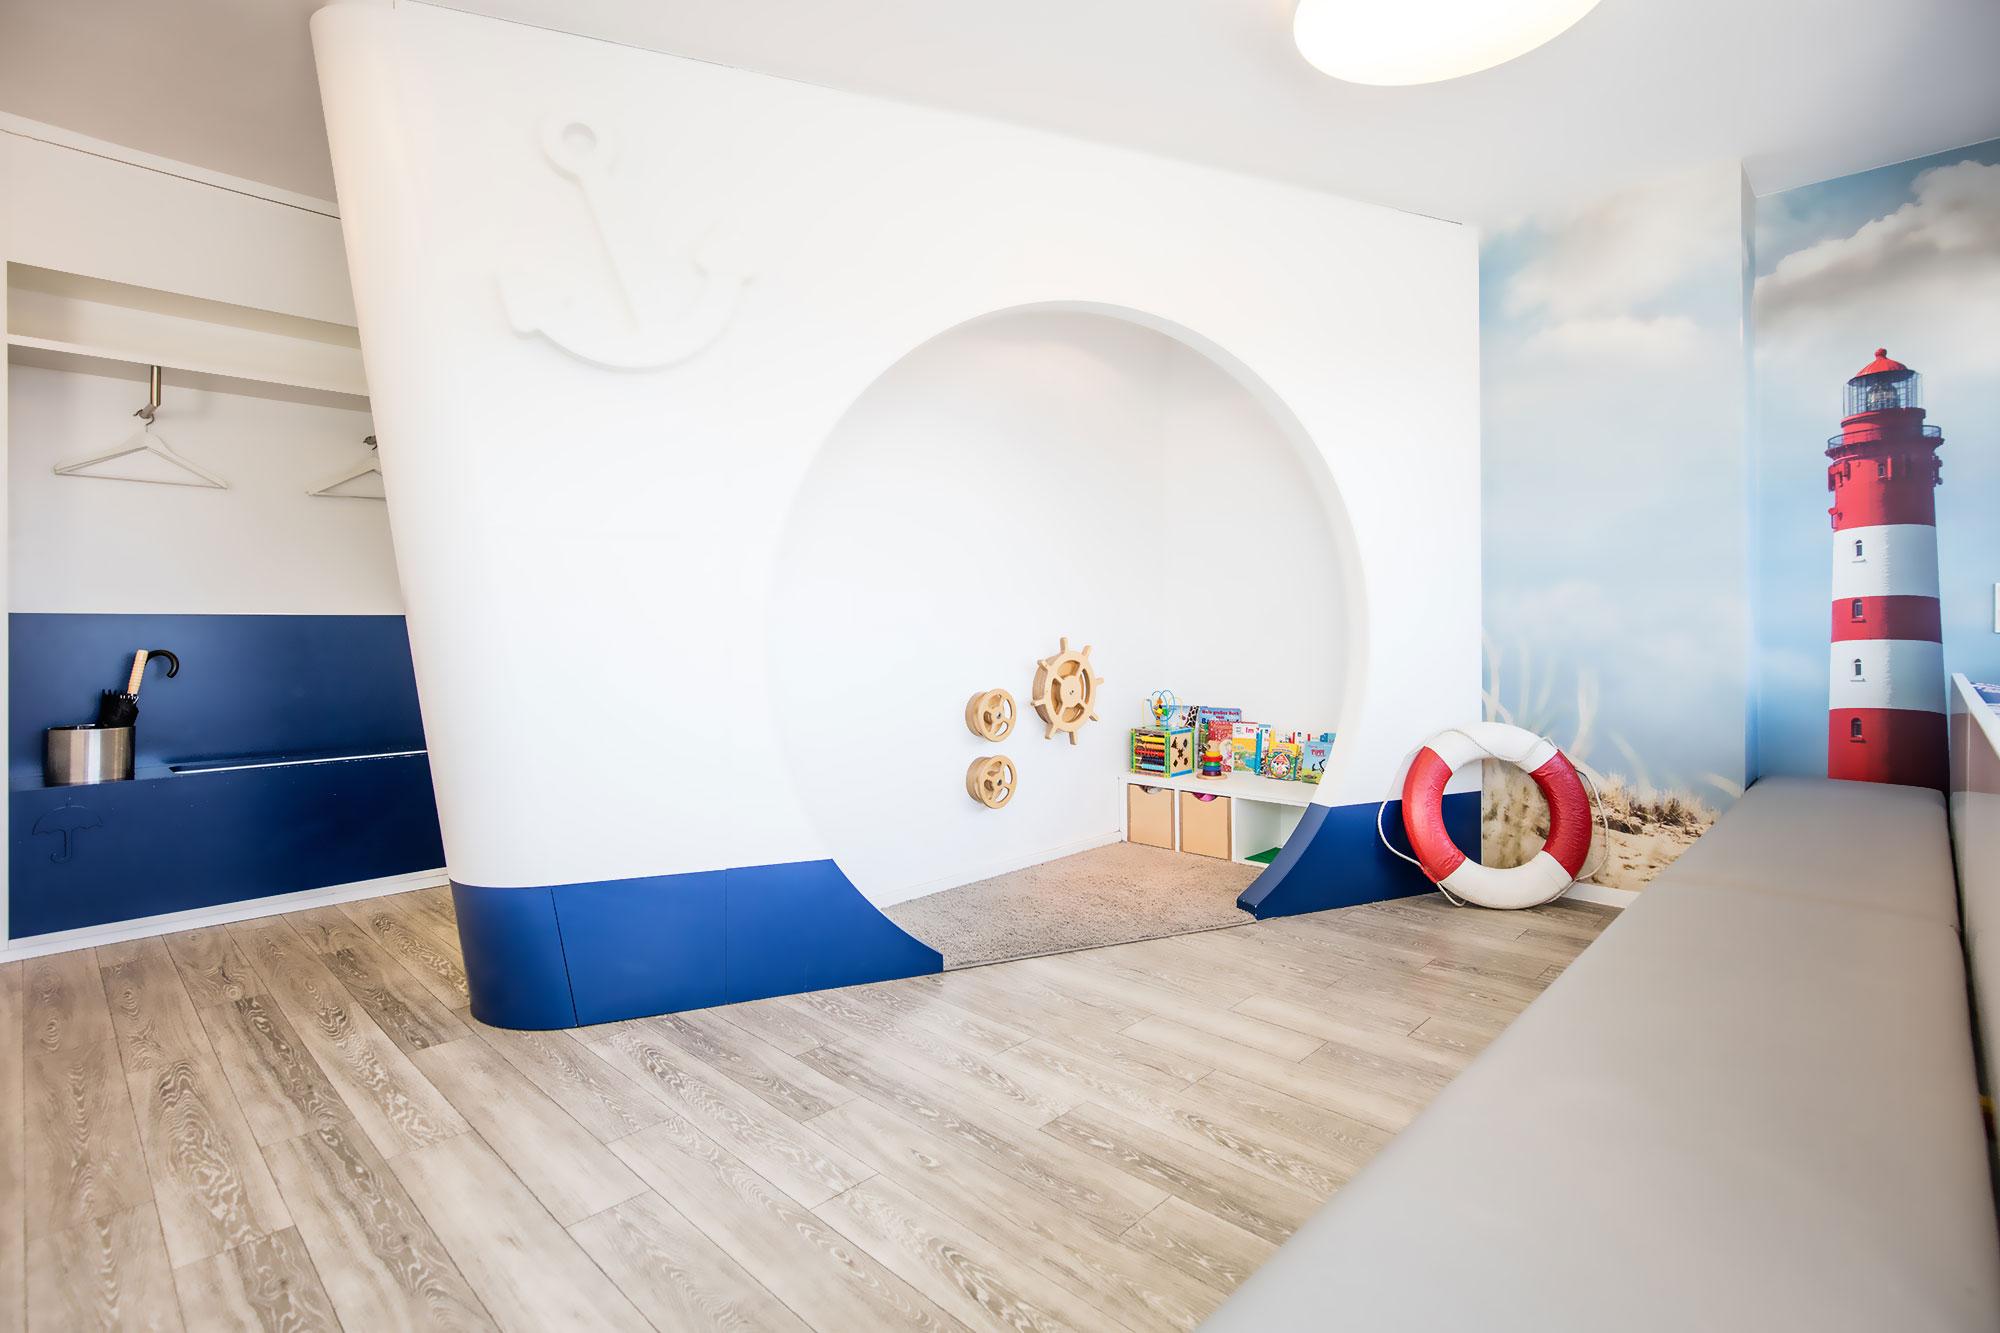 Kassenleistungen Kinderzahnarzt Muenchen Rotkreuzplatz - Kassenleistungen